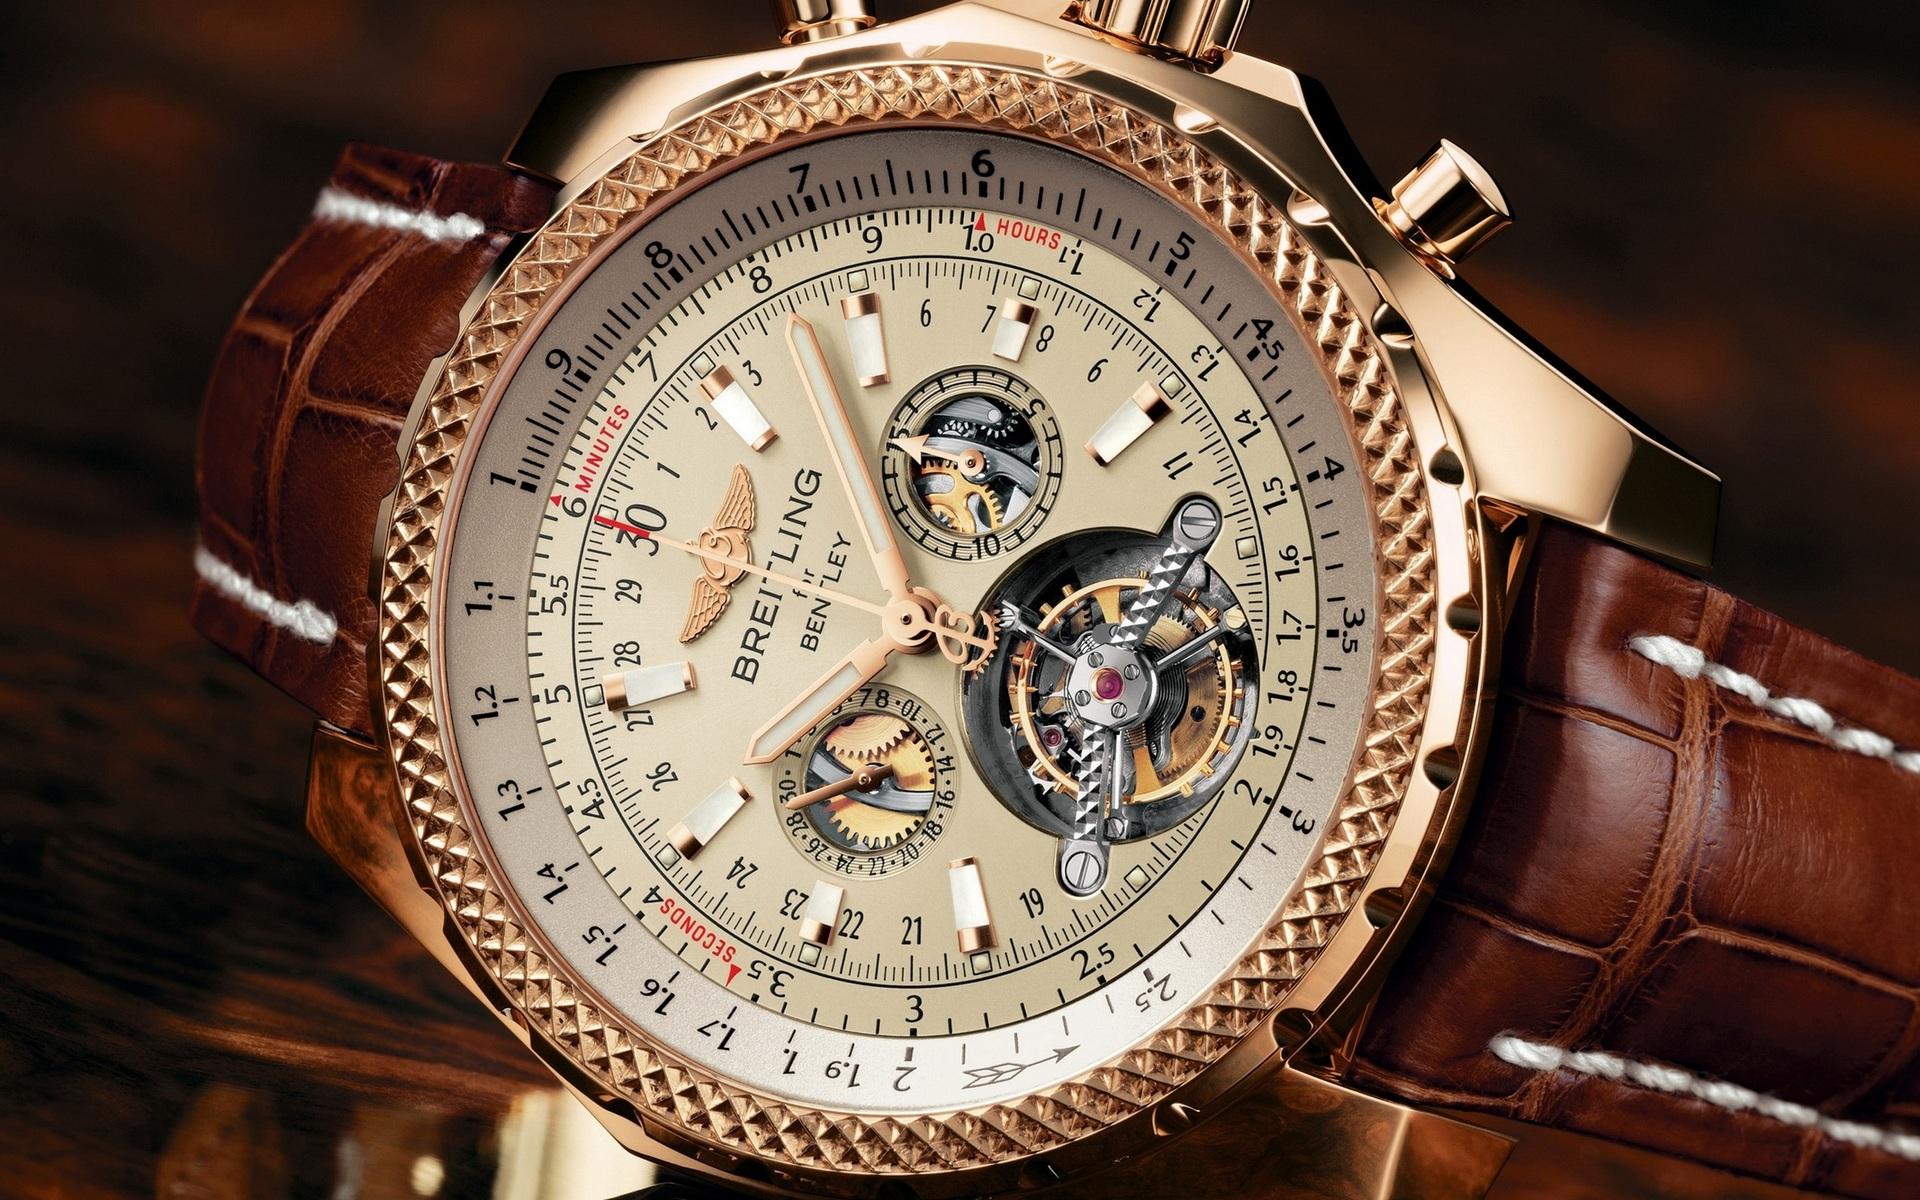 устанавливают мужские часы фото высокого разрешения целью определения